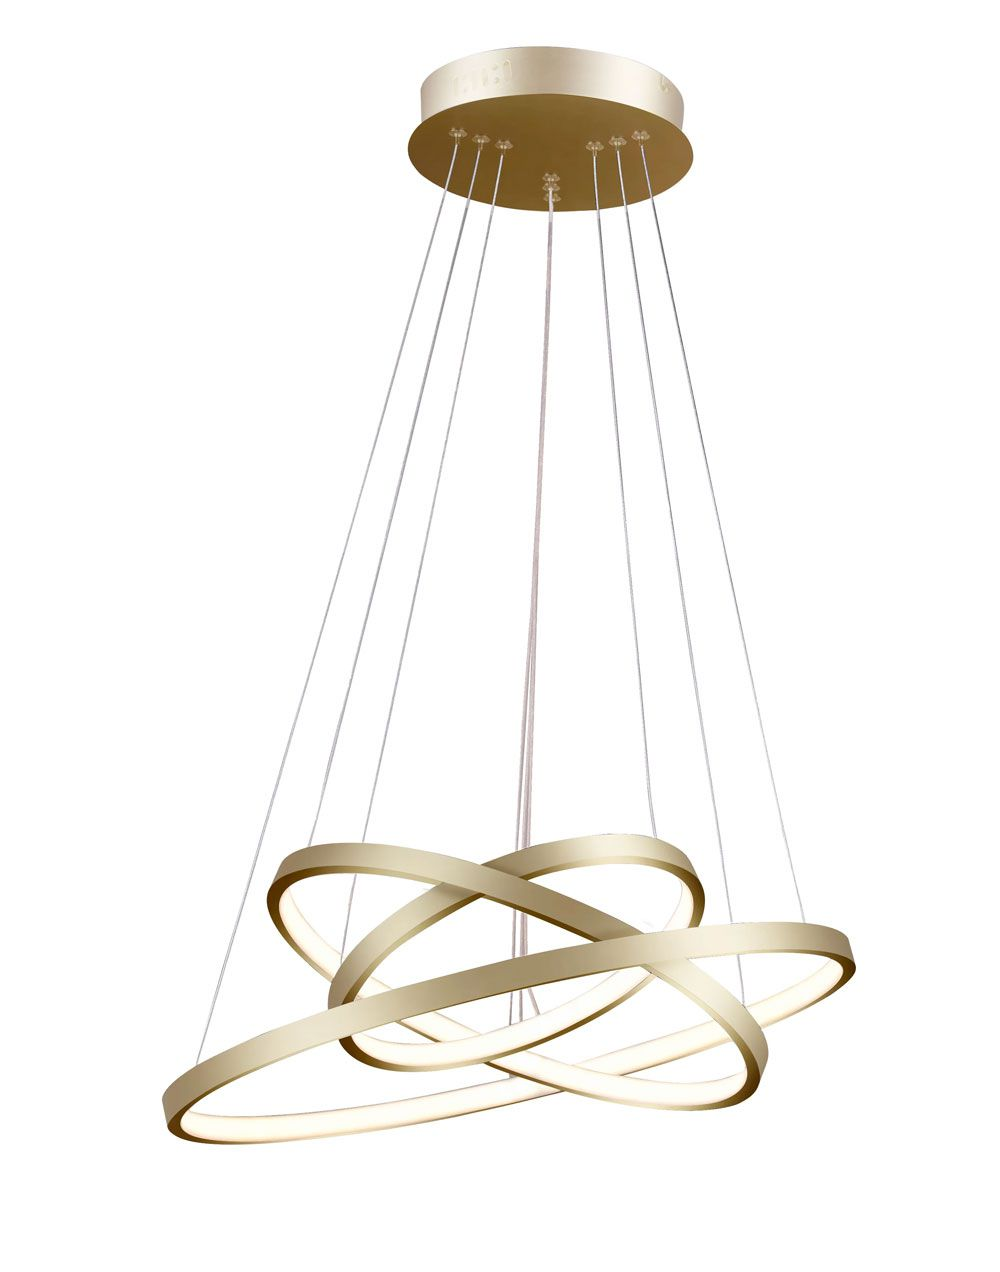 Pendente 3 Anéis Rings Metal Dourado 60cm LED 89W Bivolt 3000K Branco Quente QPD1303-DO